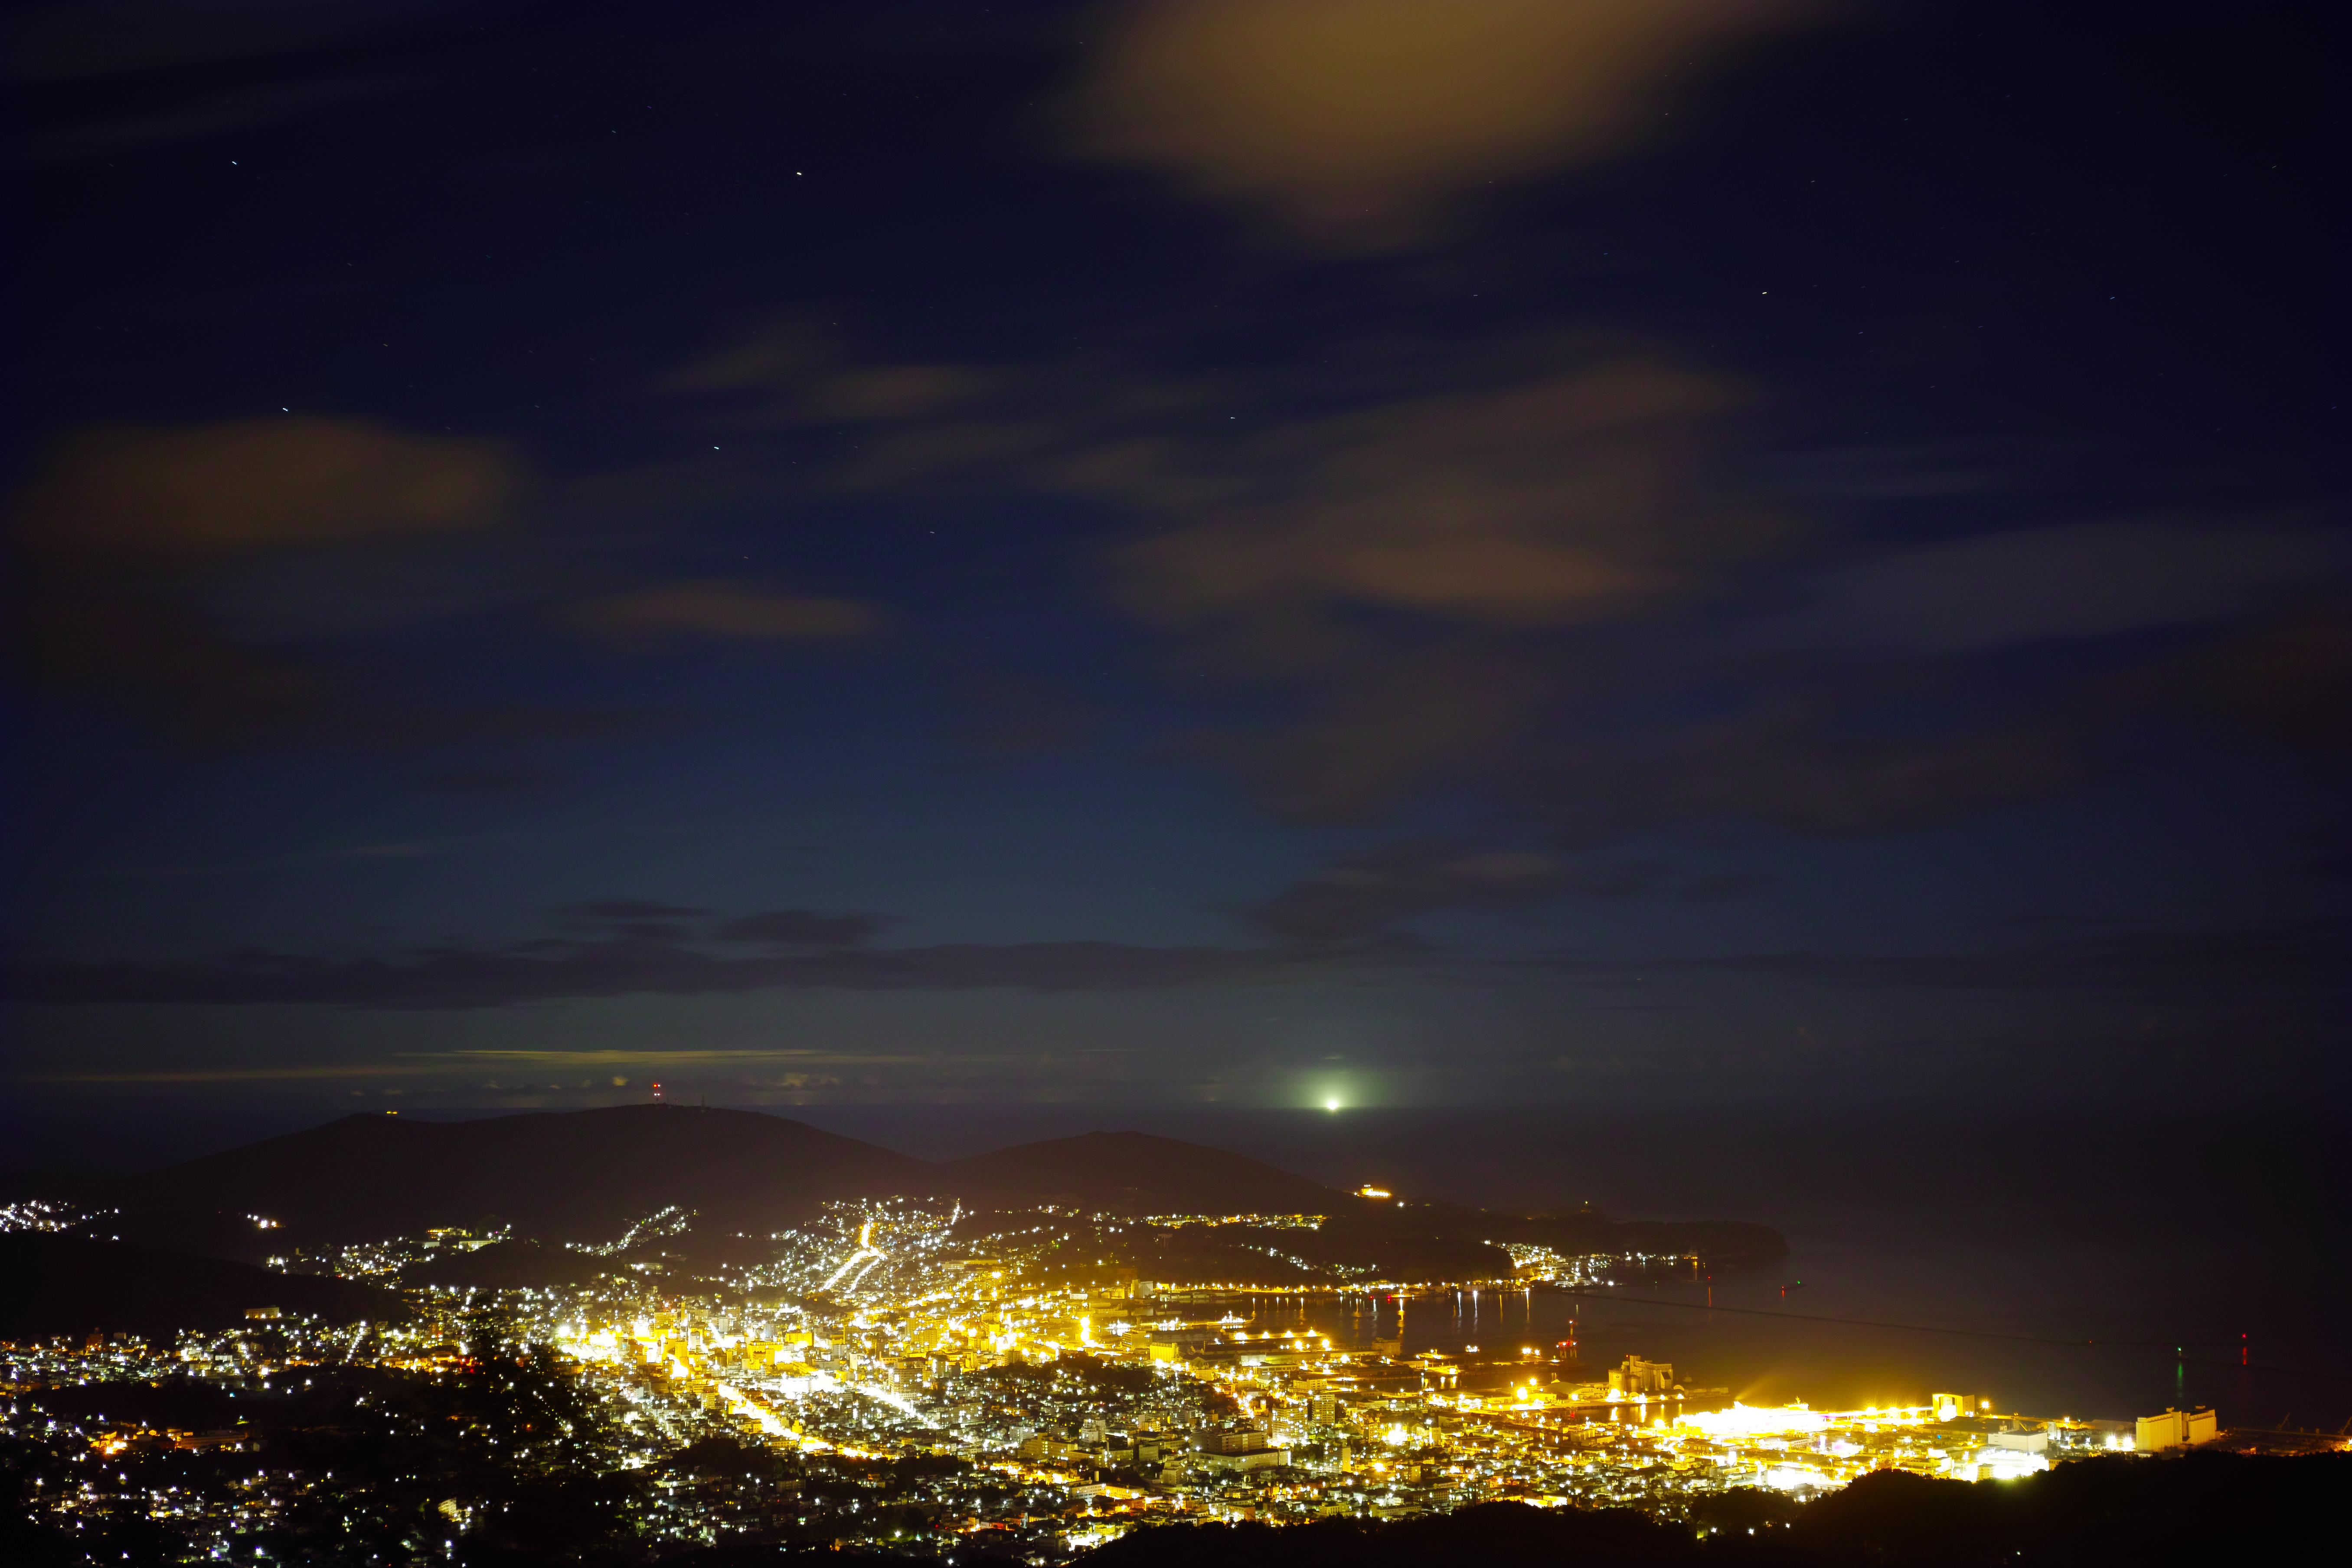 山腹より望む街の夜景と星空。暗い空の下、煌びやかな街の明かりが人の息づかいを感じさせる。ISO100 / F2.8 / 30秒